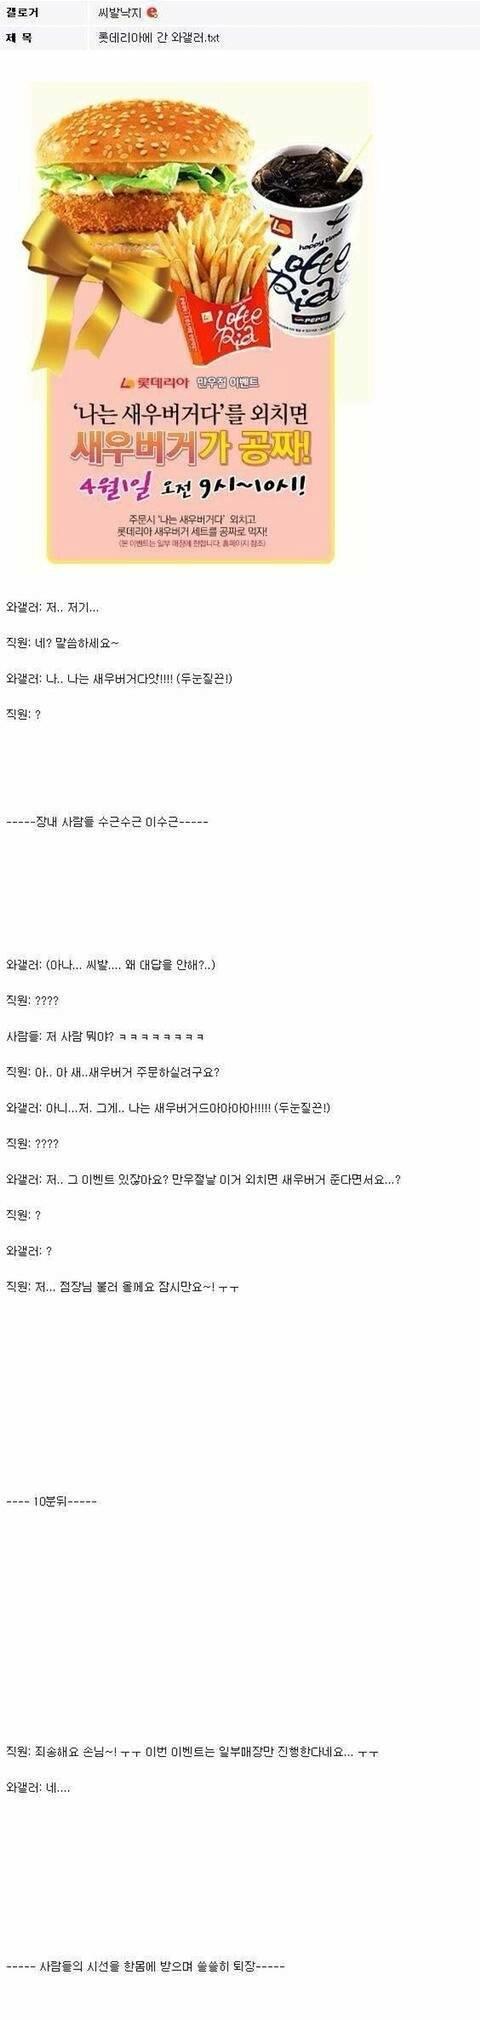 롯데리아 레전드 사건 2개.jpg | 인스티즈